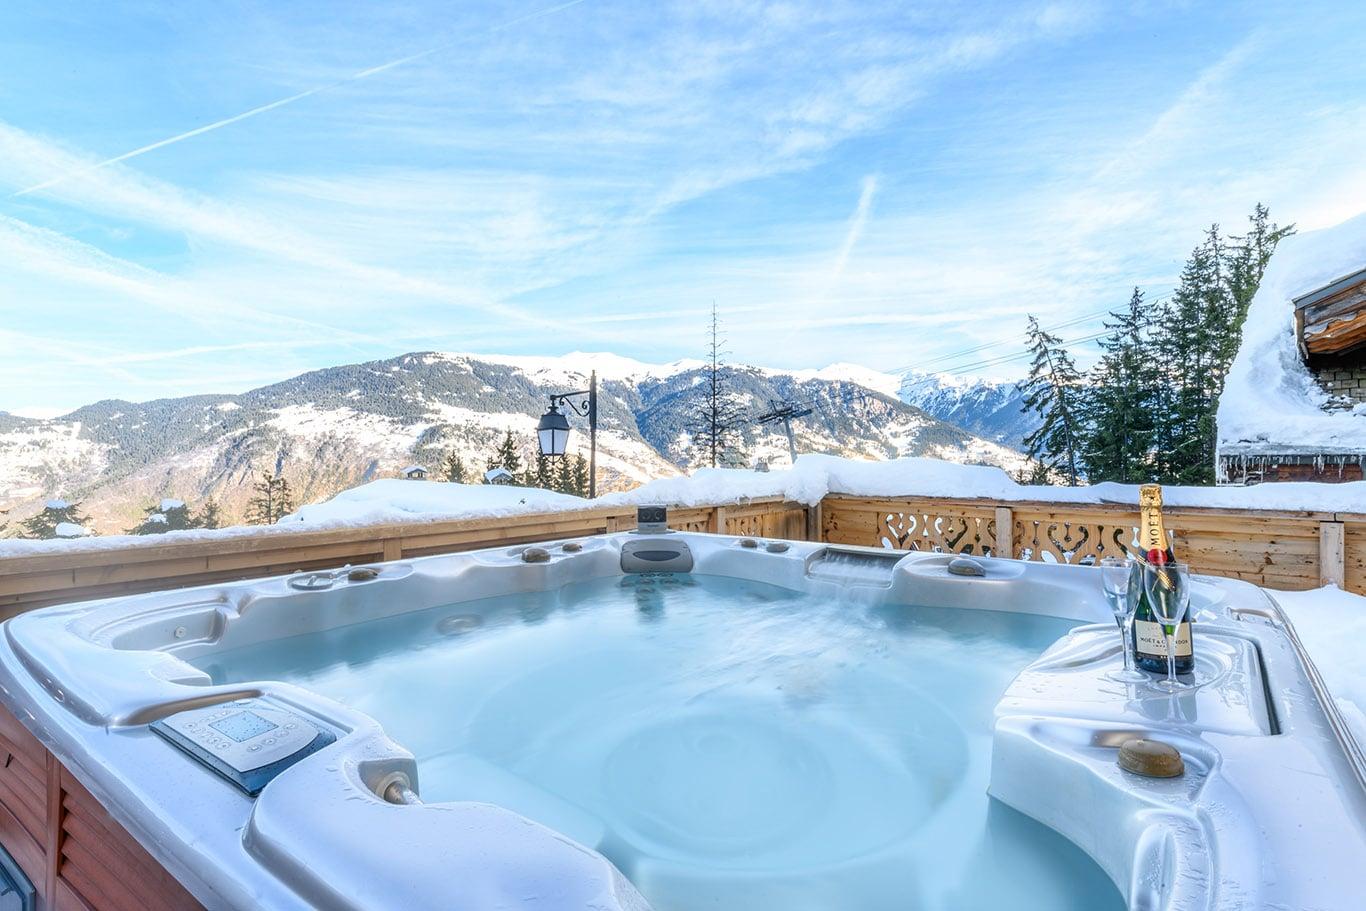 Chalet de Mon Pere hot tub